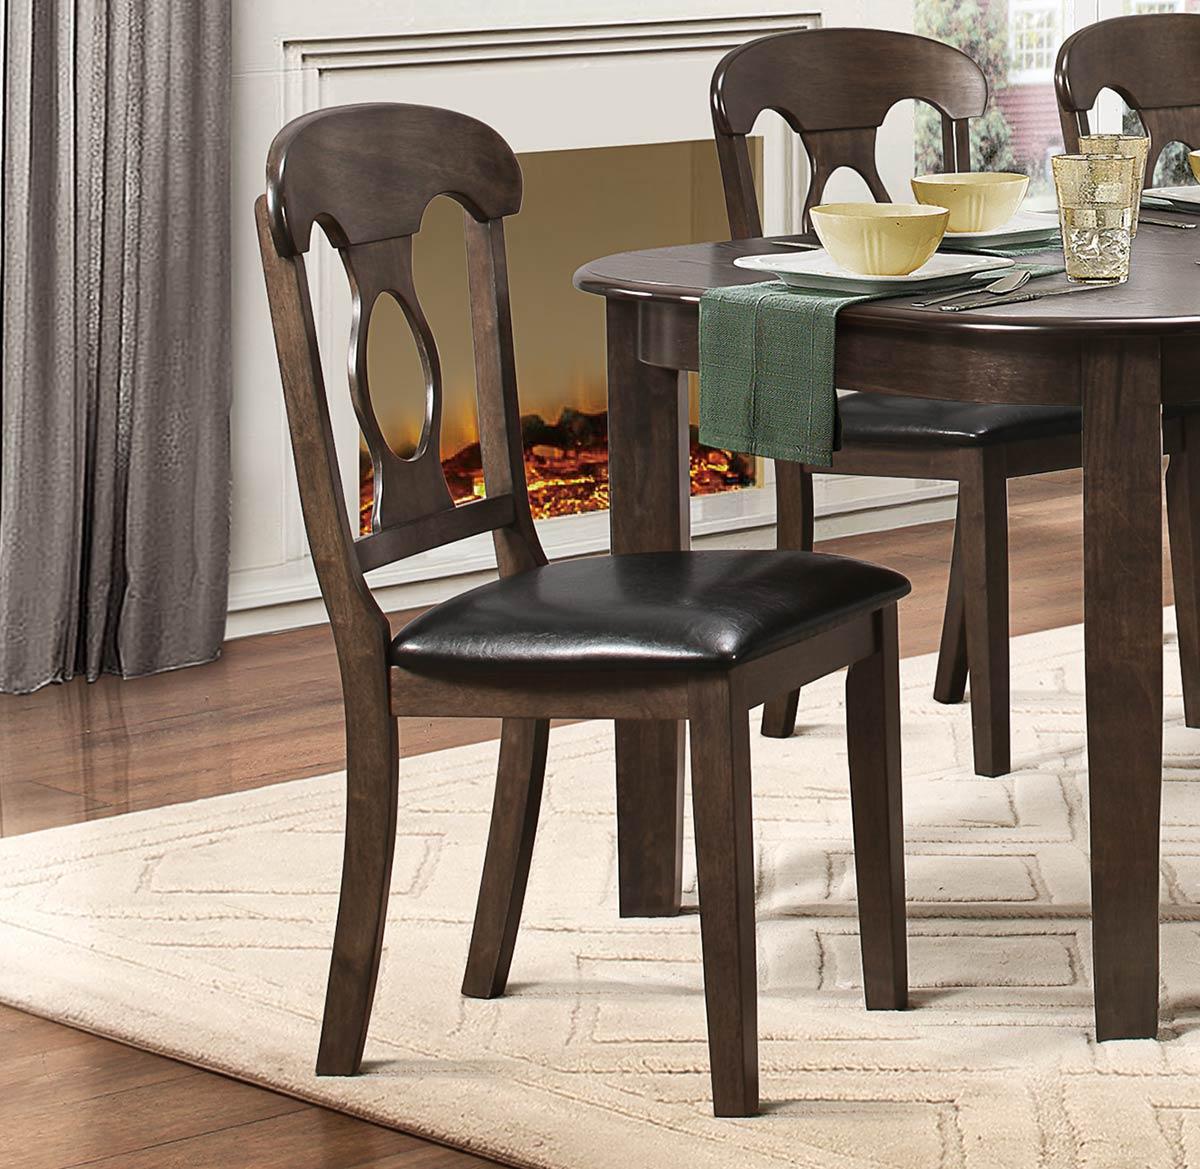 Homelegance Lemoore Side Chair - Weathered Brown